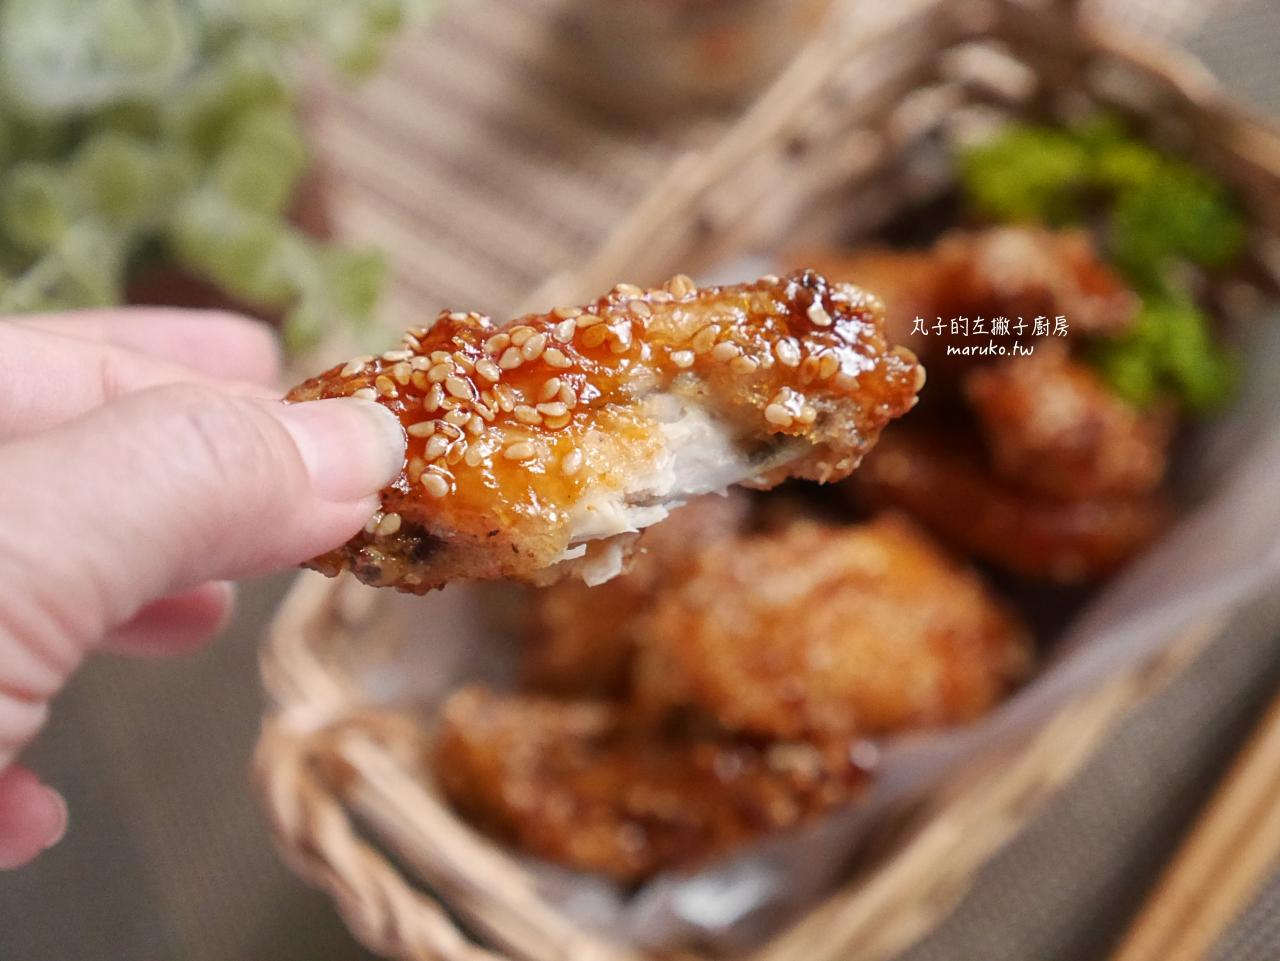 【食譜】日式照燒雞翅/博多風的炸雞翅冰冰的吃甜甜又涮嘴 @Maruko與美食有個約會